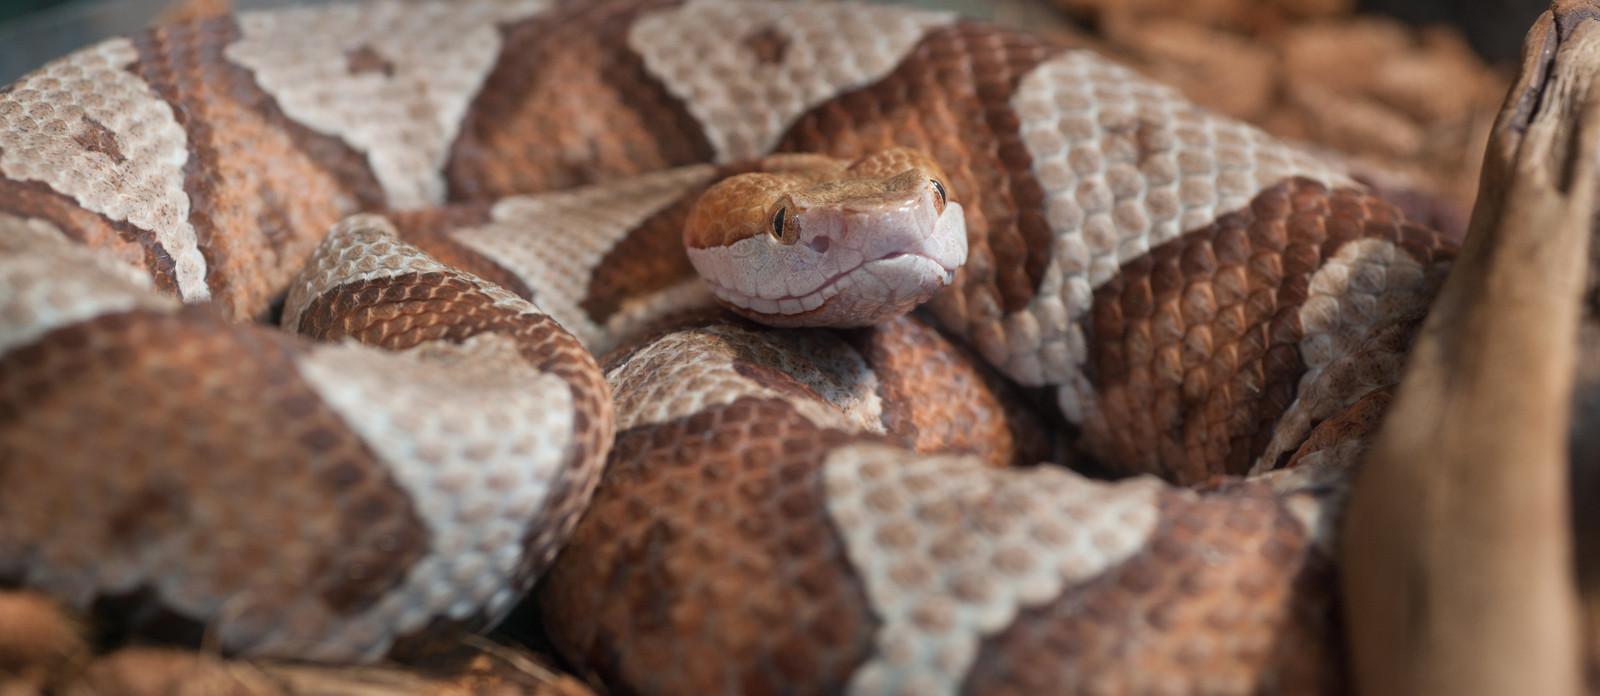 copperhead snake removal richmond va